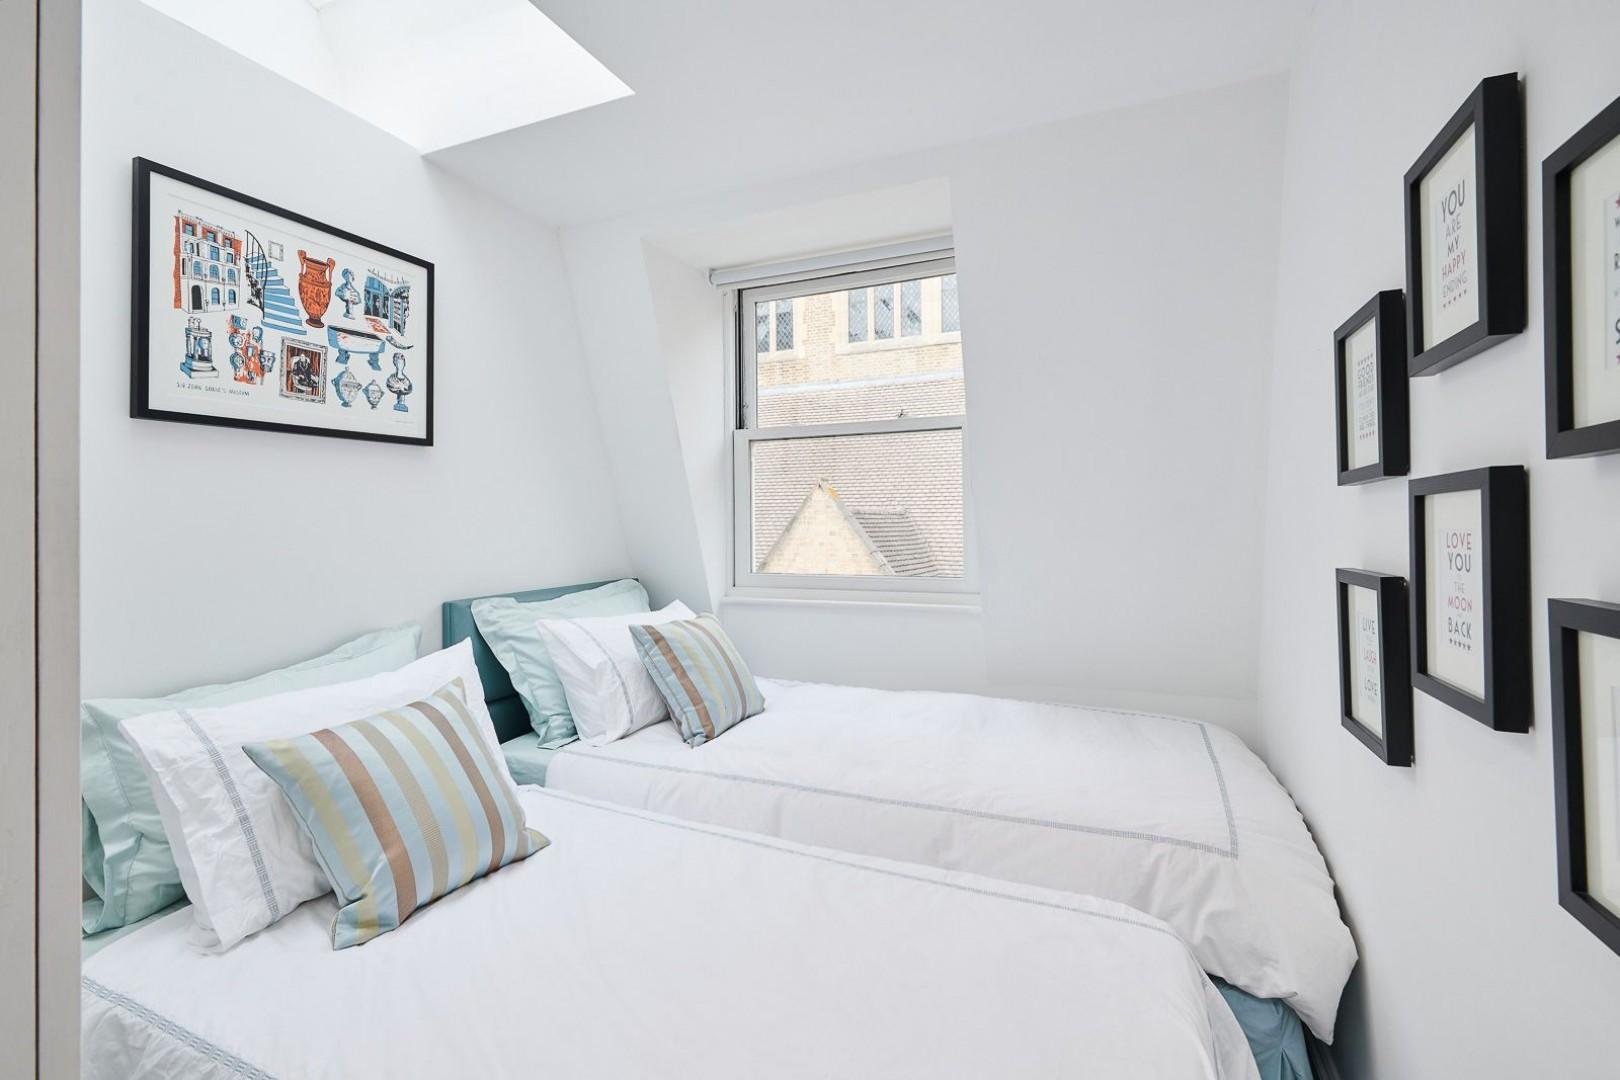 Top-floor third bedroom with skylight